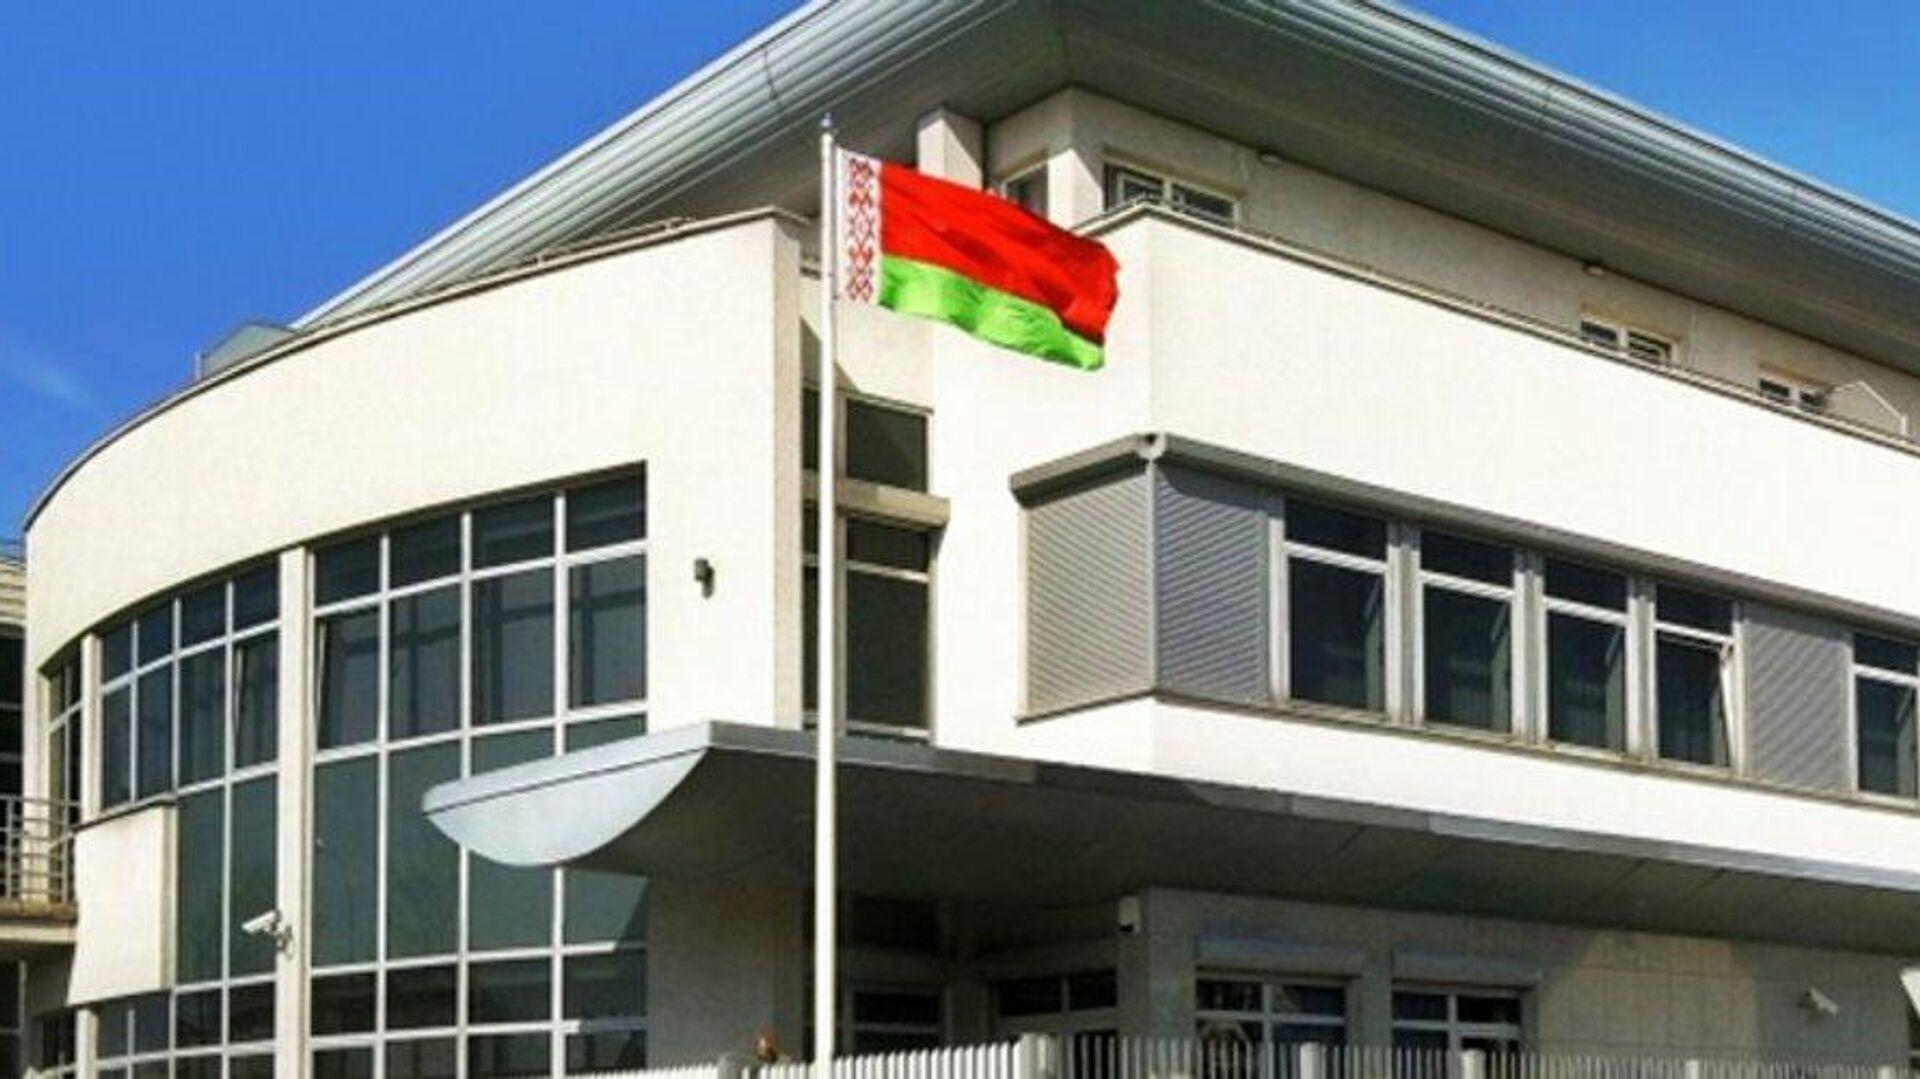 Здание посольства Белоруссии в Варшаве - РИА Новости, 1920, 18.11.2020